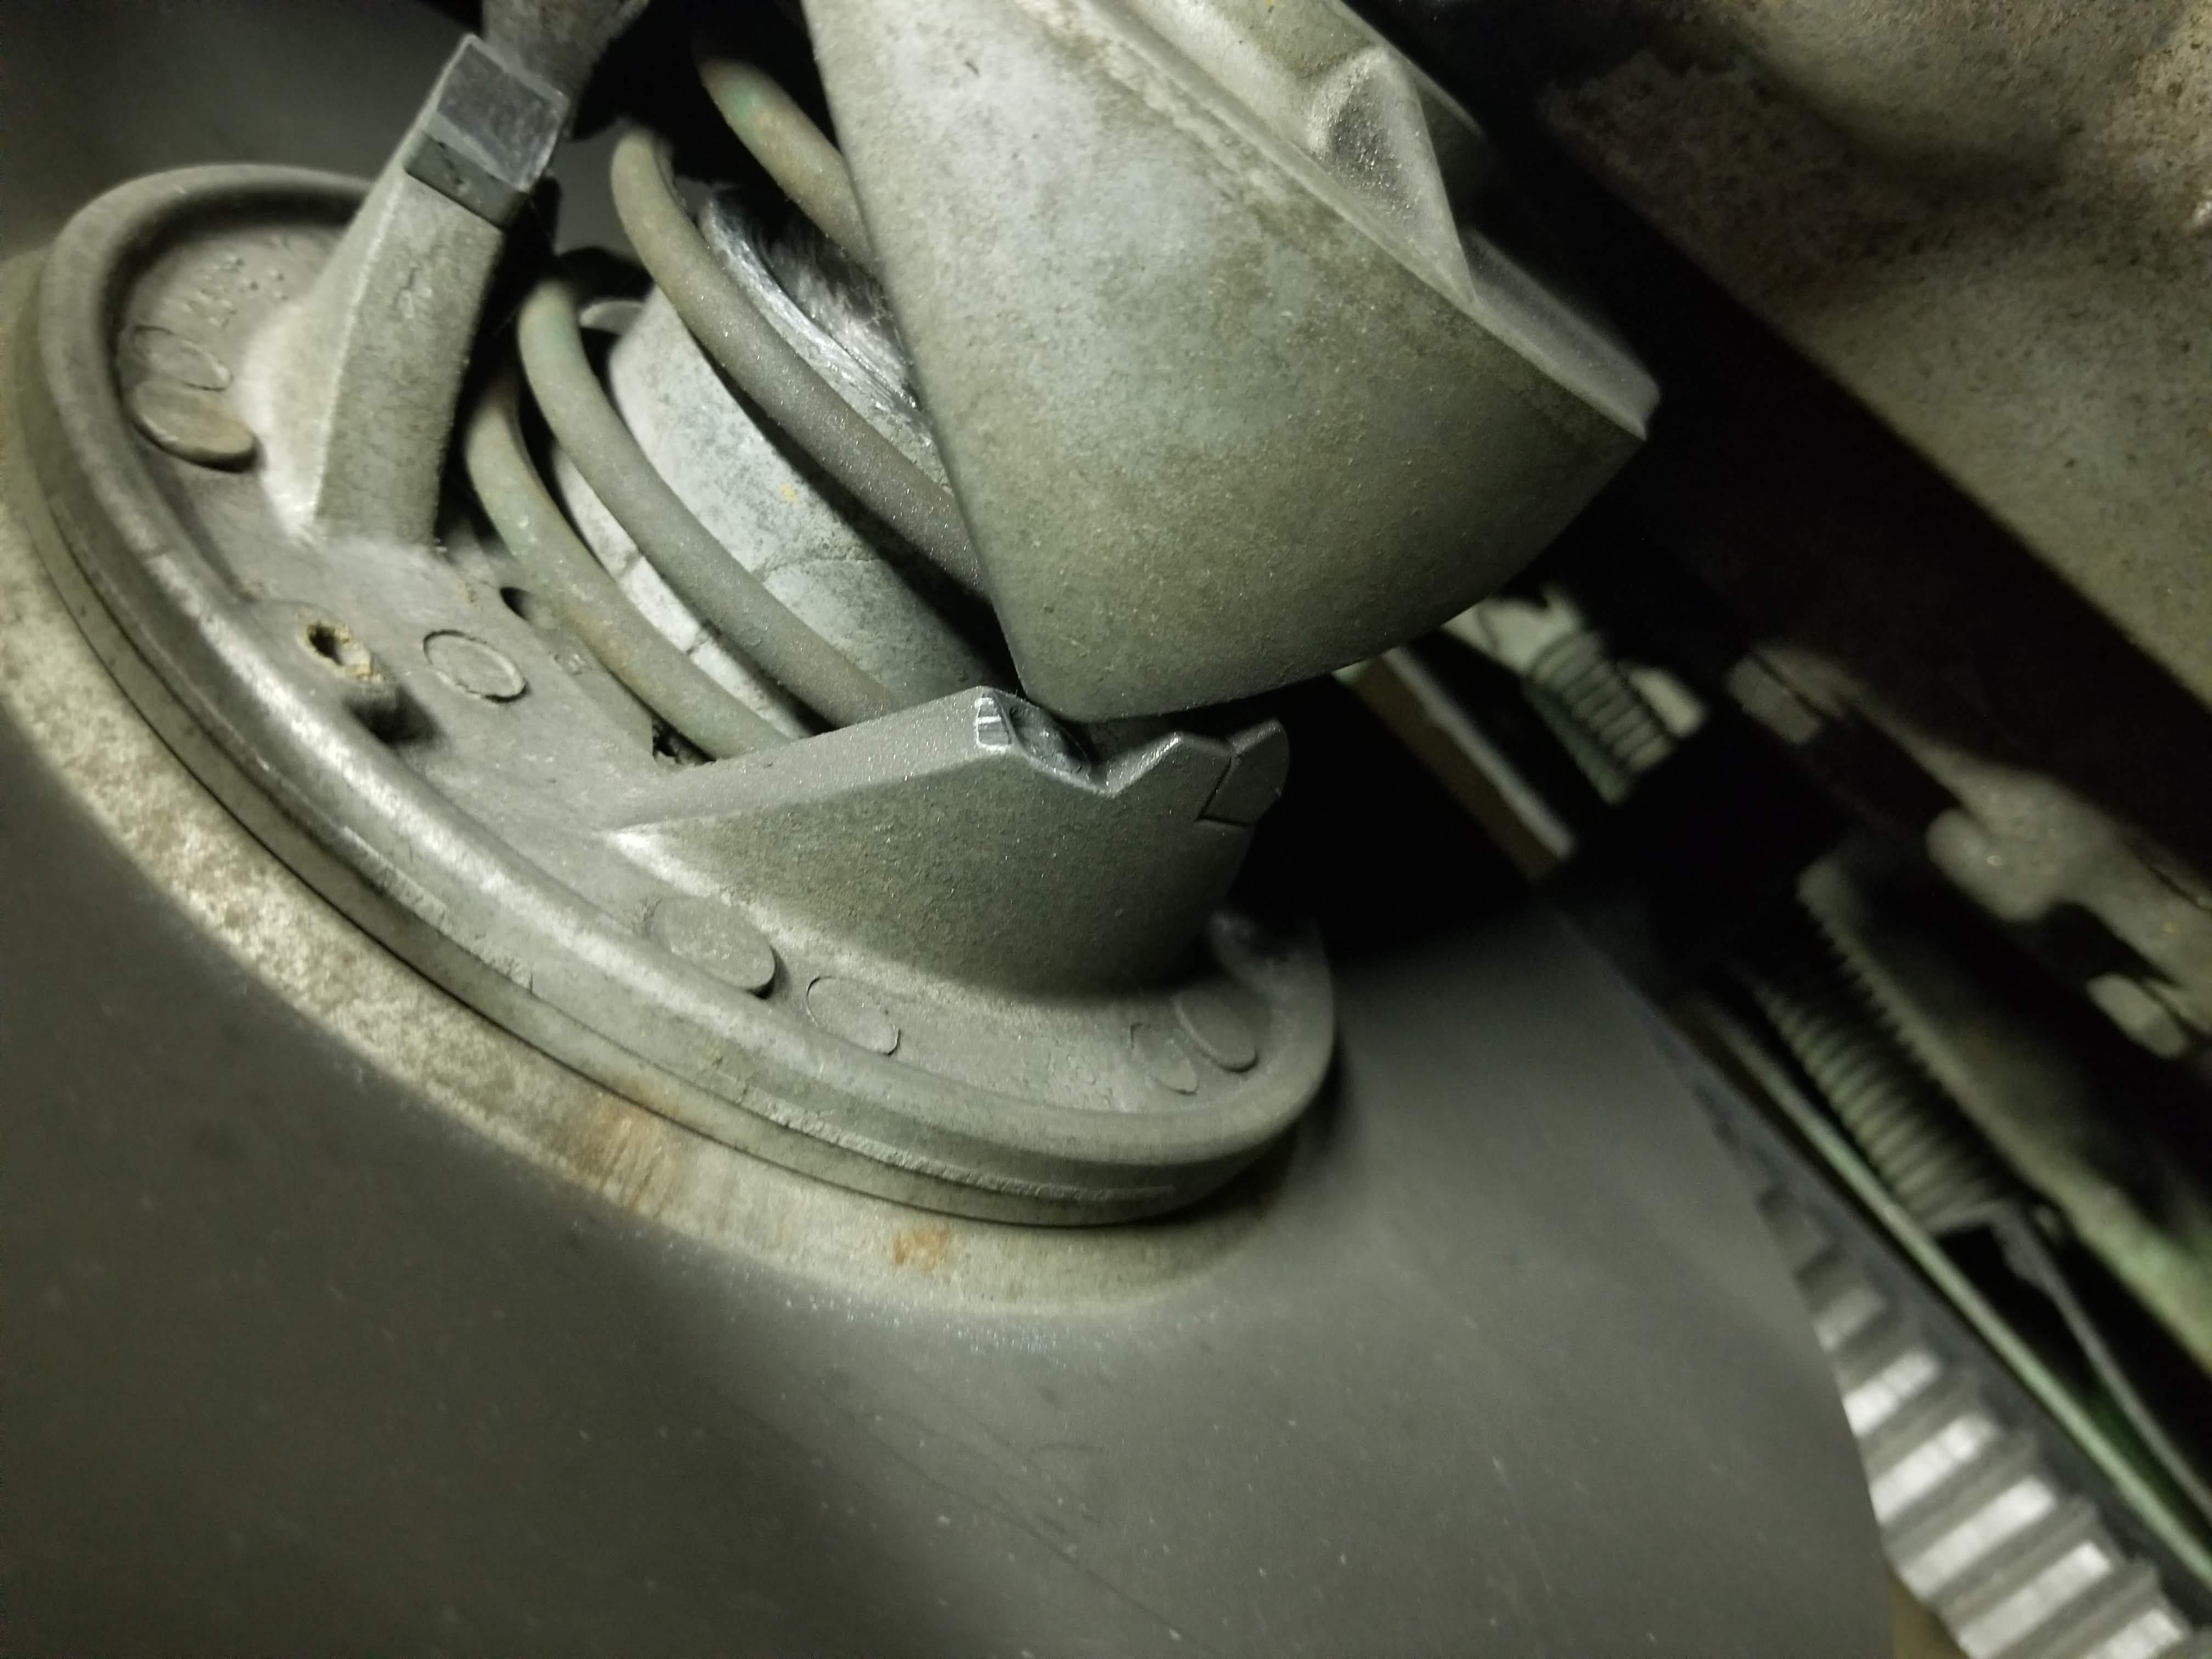 1996 John Deere Gator 6x4 - Engine Problems - John Deere